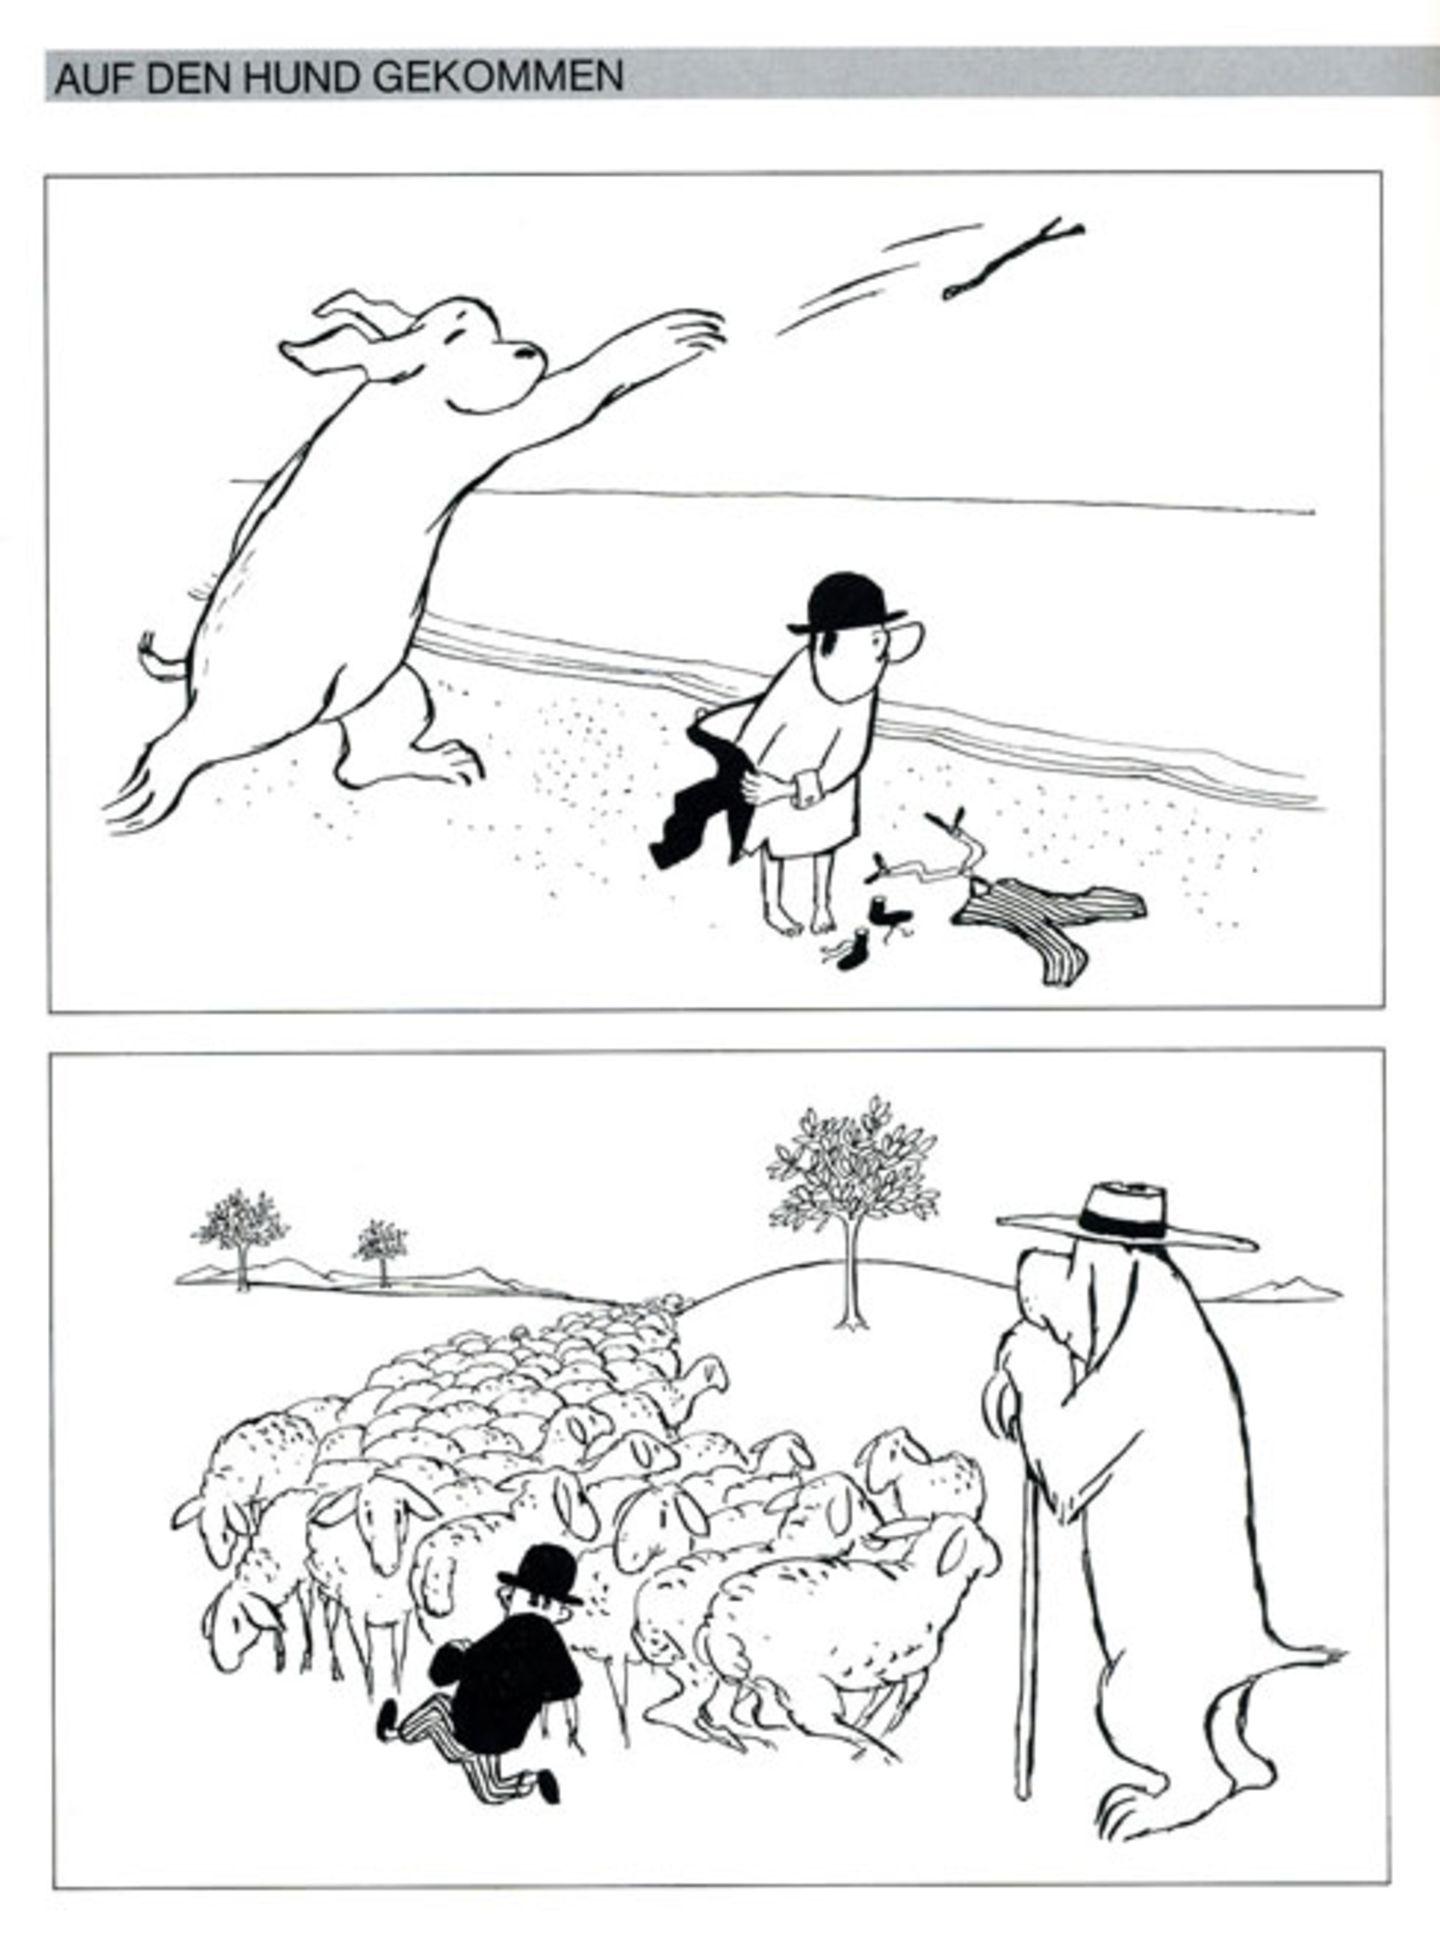 """Ärger bereitete ihm die Serie """"Auf den Hund gekommen"""", in der er die Rollen von Herr und Hund einfach vertauschte. Besonders geistliche Herren beschwerten sich bei Chefredakteur Henri Nannen aufs Heftigste, weil sie hier die Krone der Schöpfung verunglimpft sahen"""